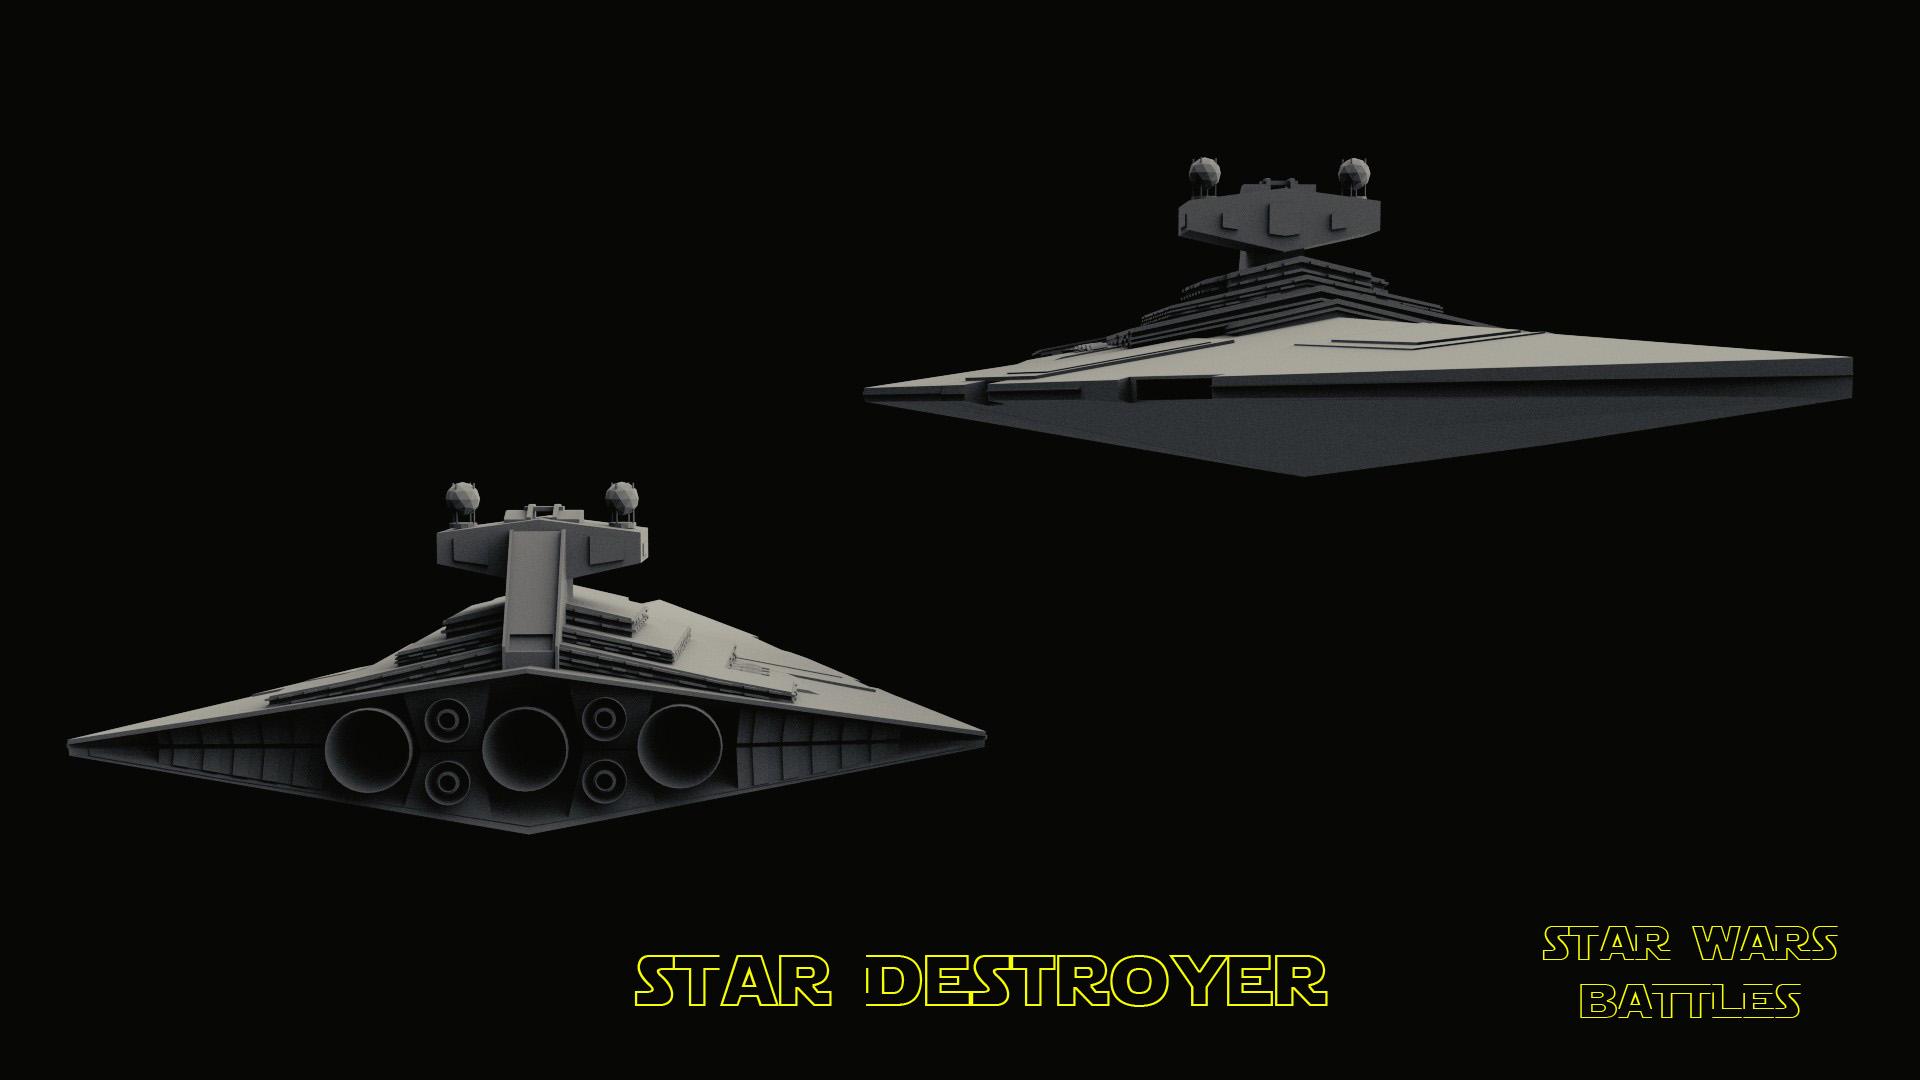 StarDestroyer render